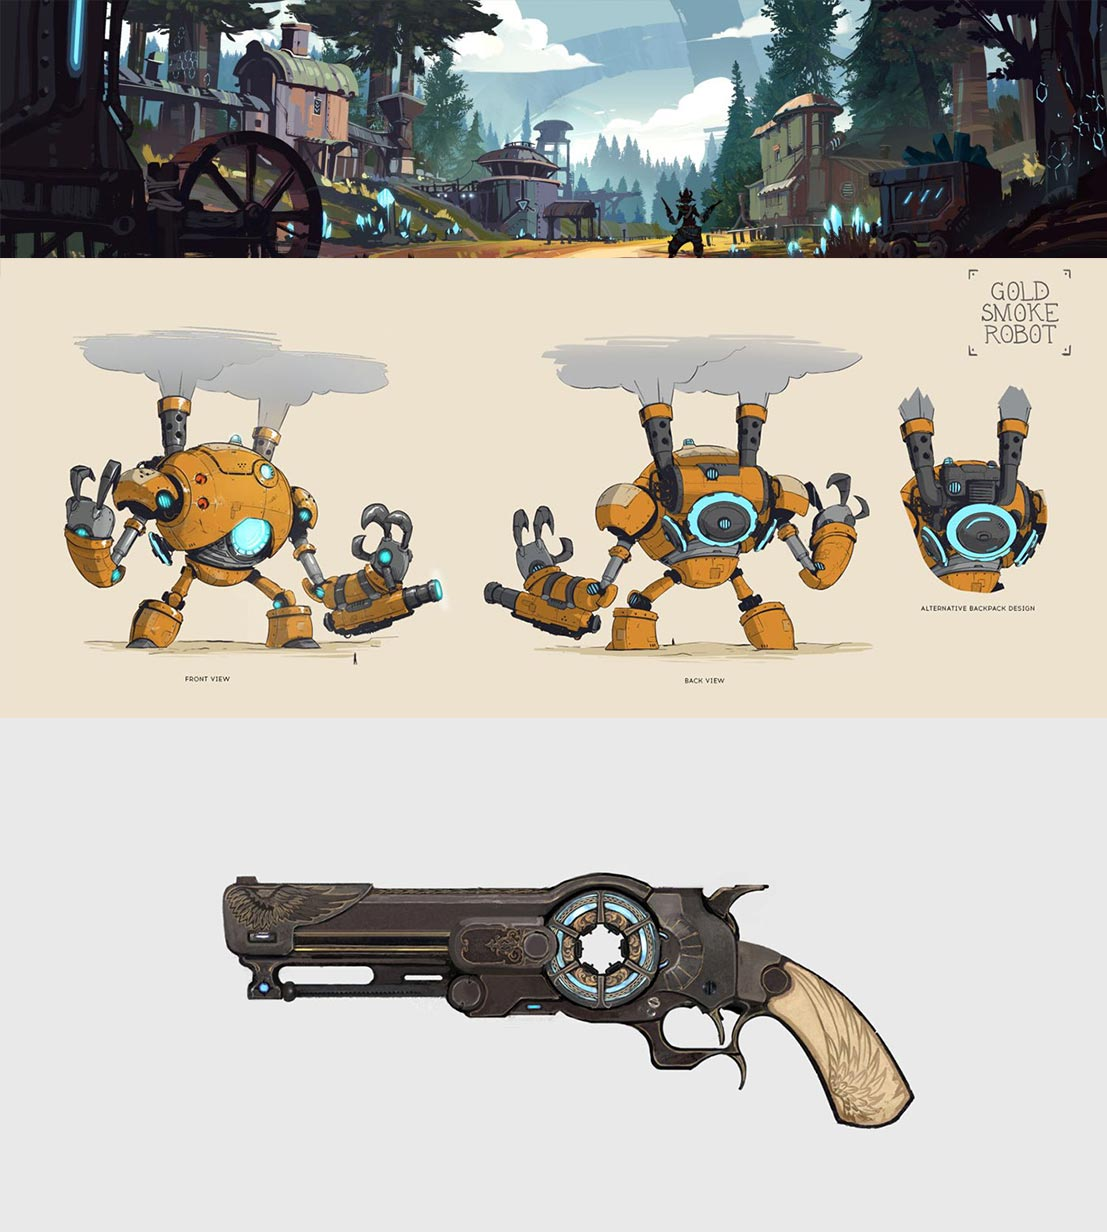 Дизайн бэкграунда и оружия для игры